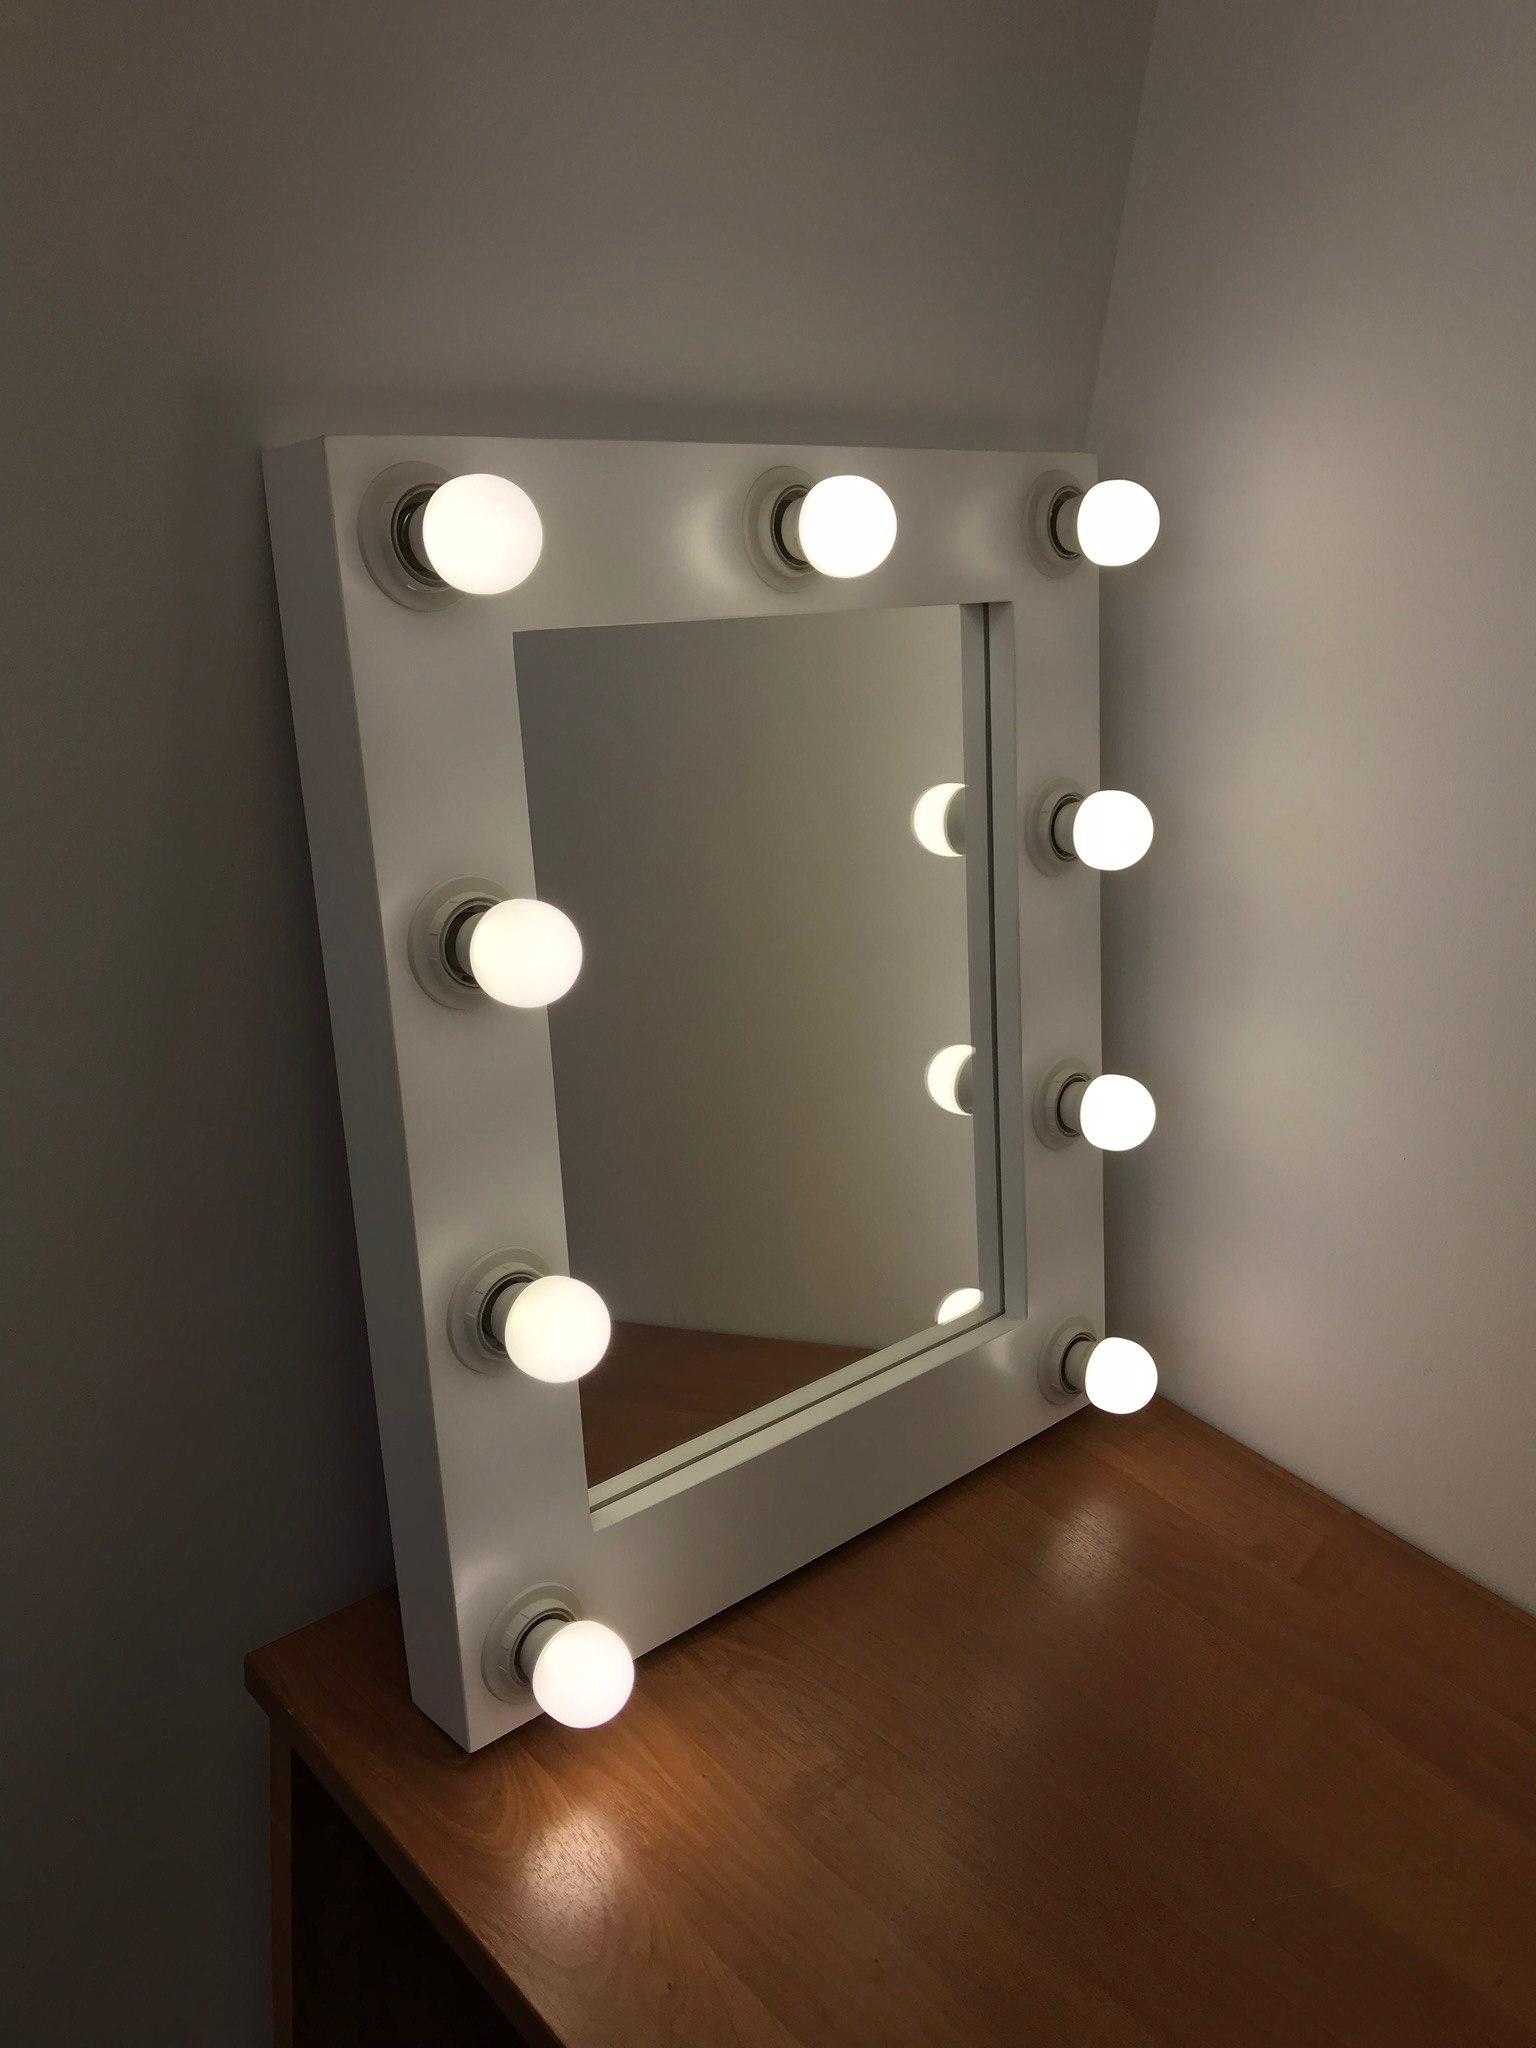 Гримерное квадратное зеркало с подсветкой